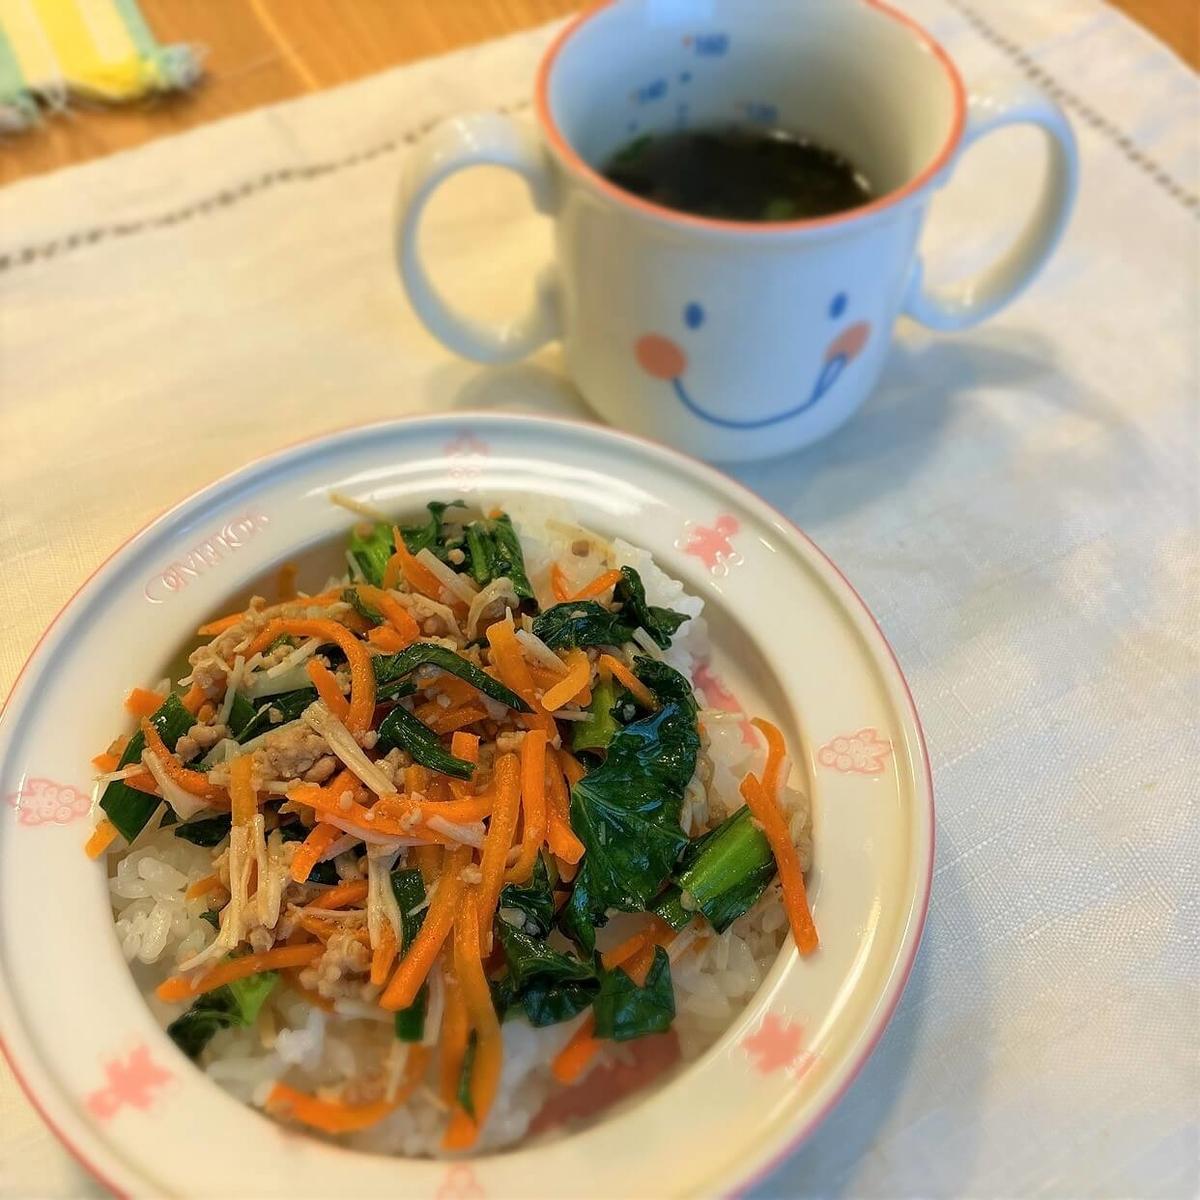 そぼろと野菜のビビンバと韓国風スープの出来上がり(子供用)